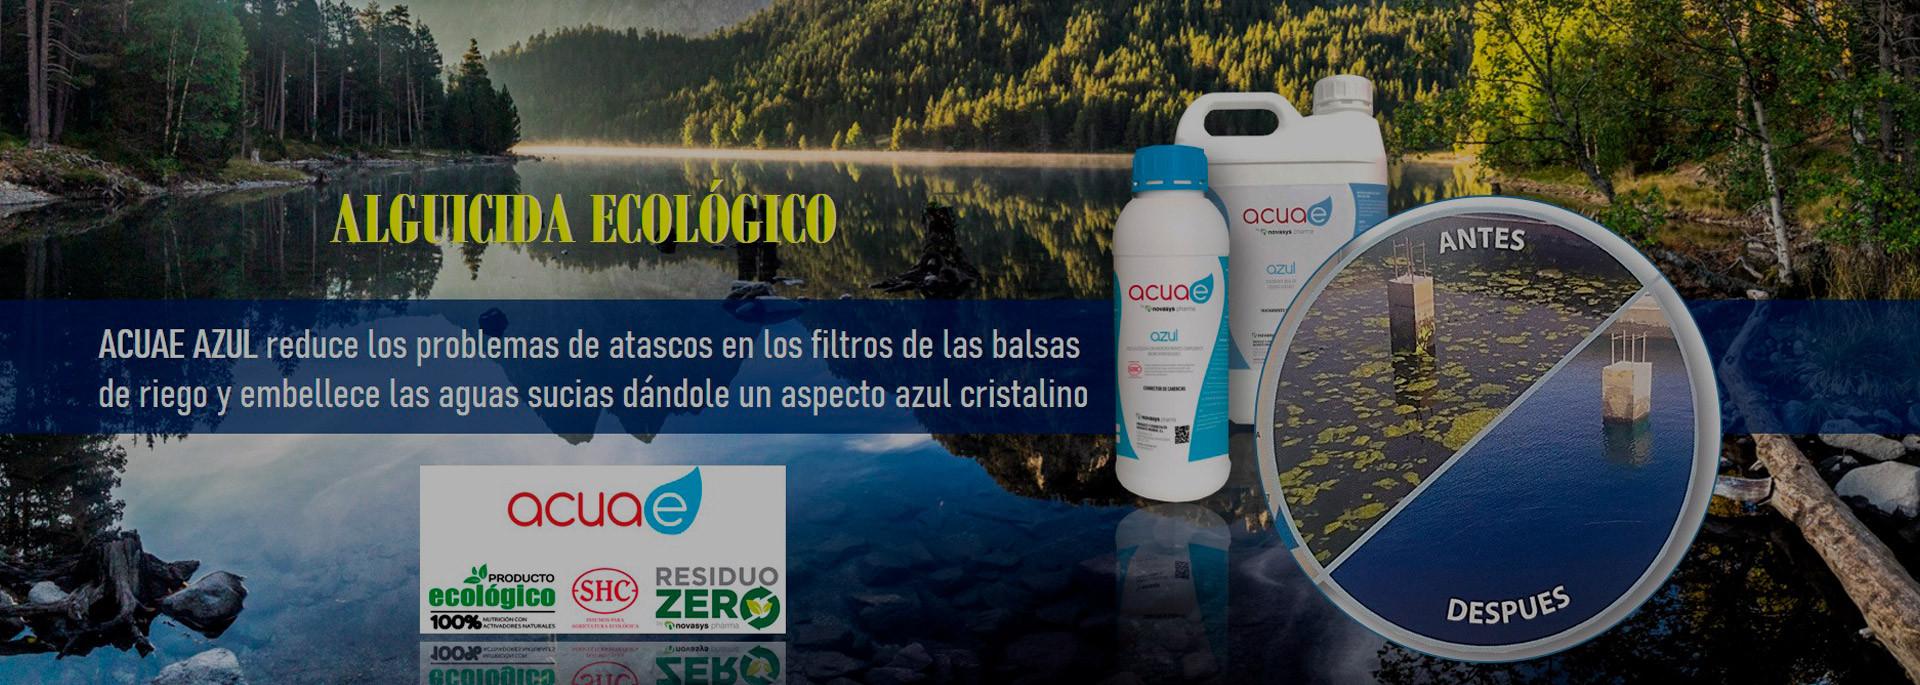 Acuae azul alguicida ecologico